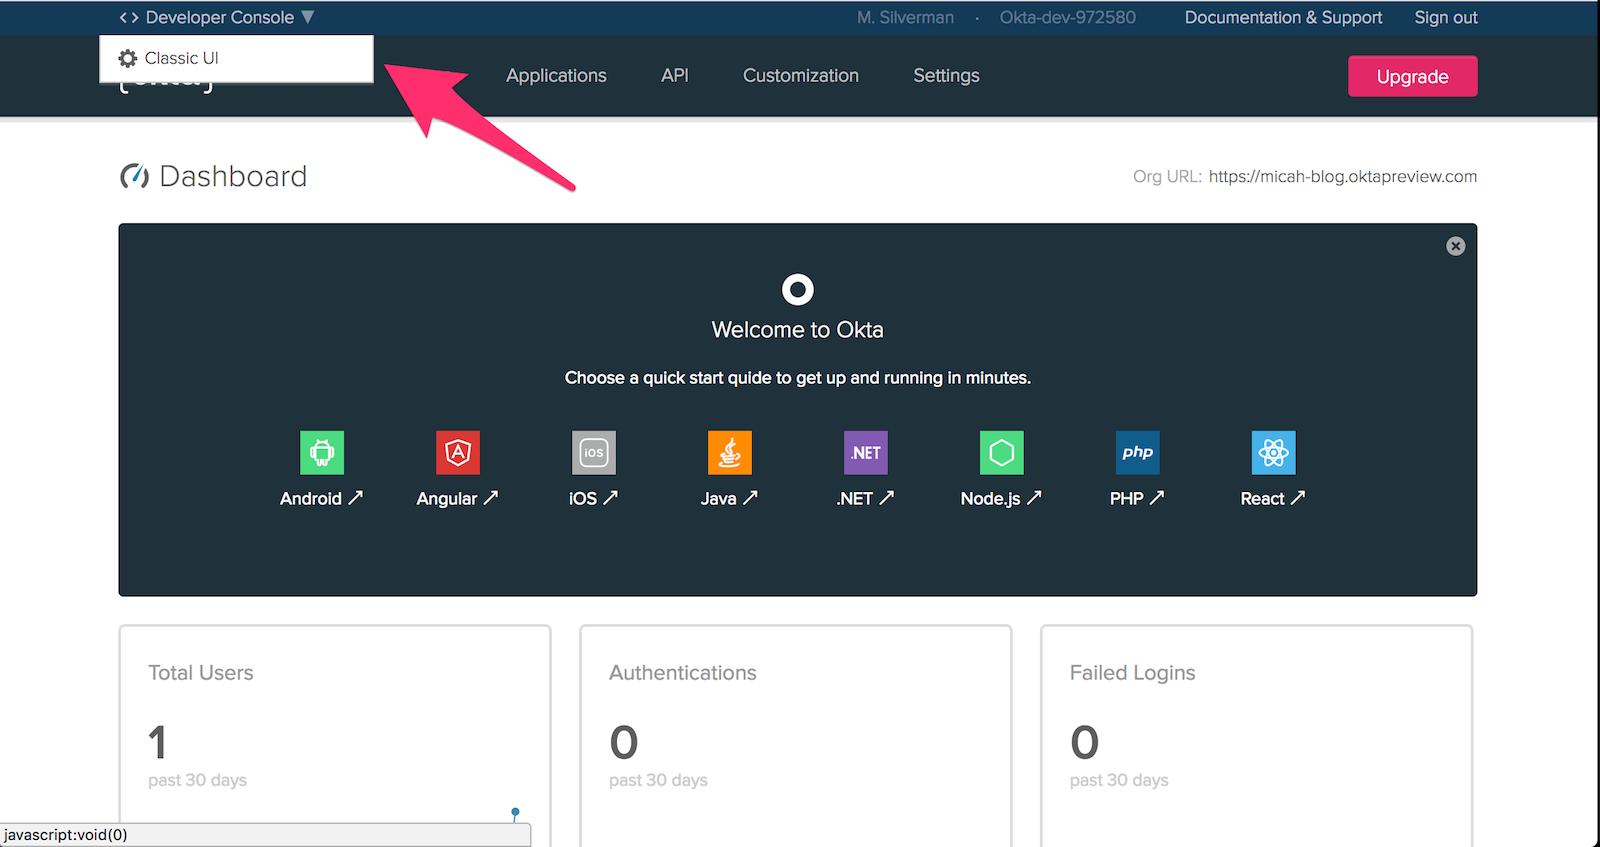 Build a One-time Password Token for MFA with Okta | Okta Developer